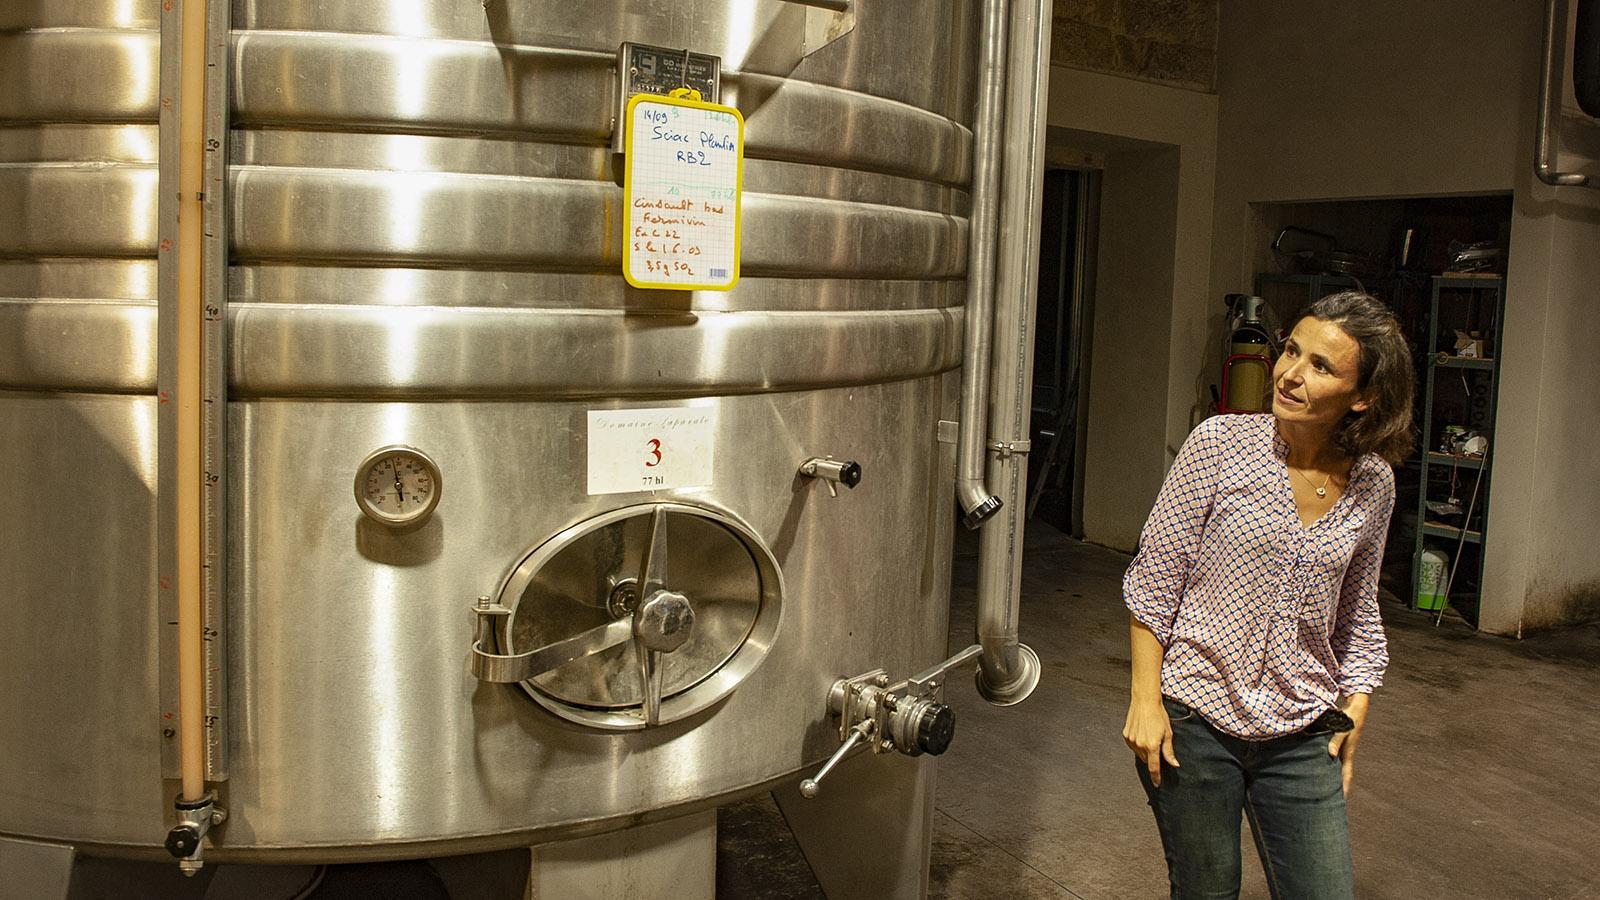 Julie Farinelle vom Weingut Saparale im Weinkeller des Familienweinguts. Foto: Hilke Maunder